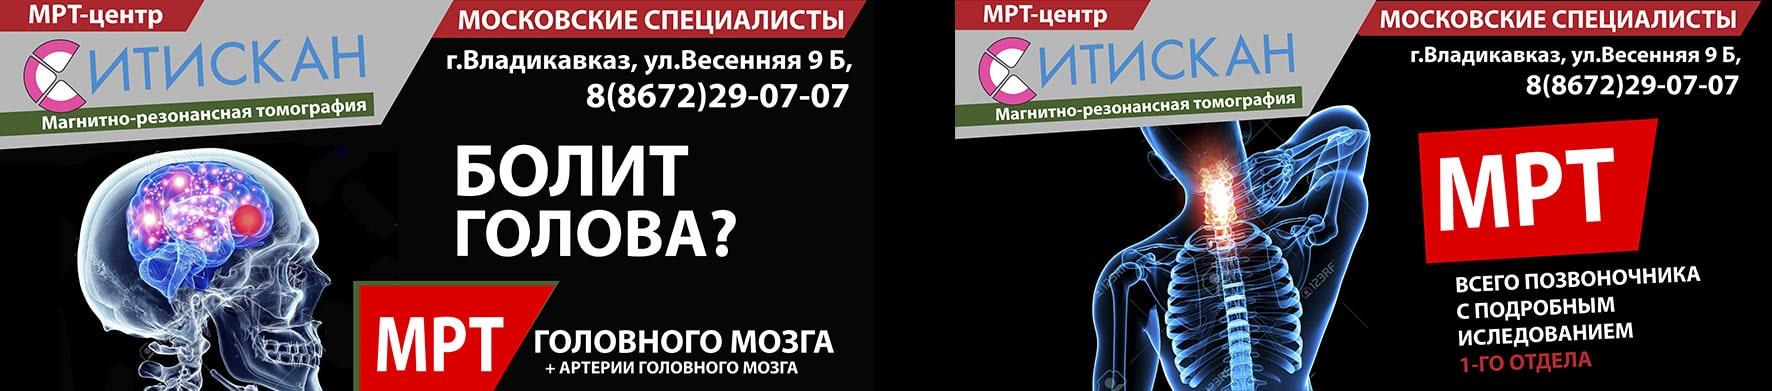 Размещение рекламы в Ингушетии медиа-план